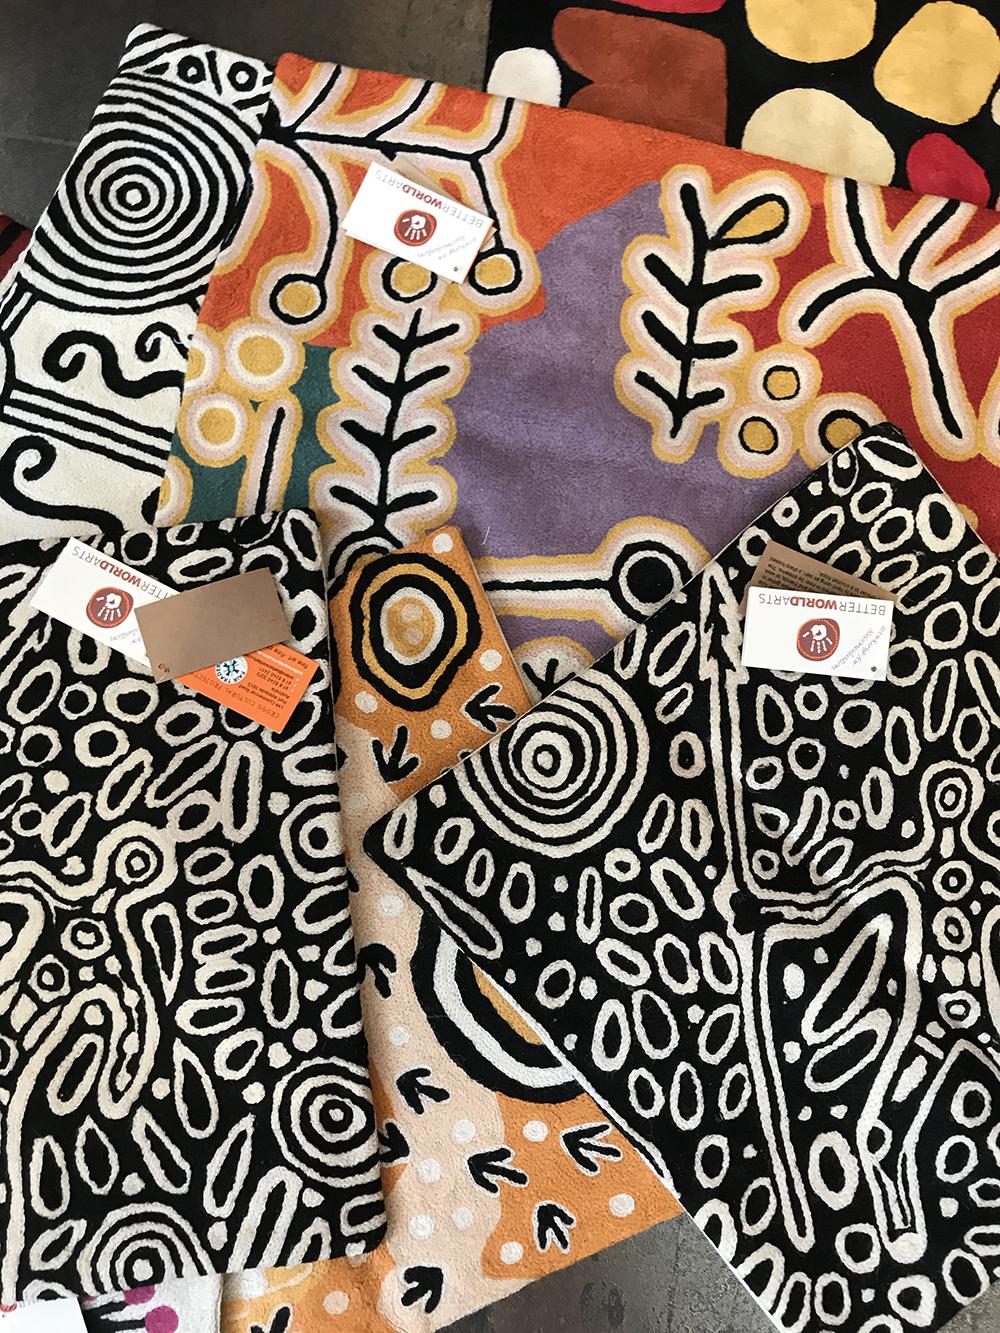 nouvel arrivage coussins aborigènes-6-temaglerie